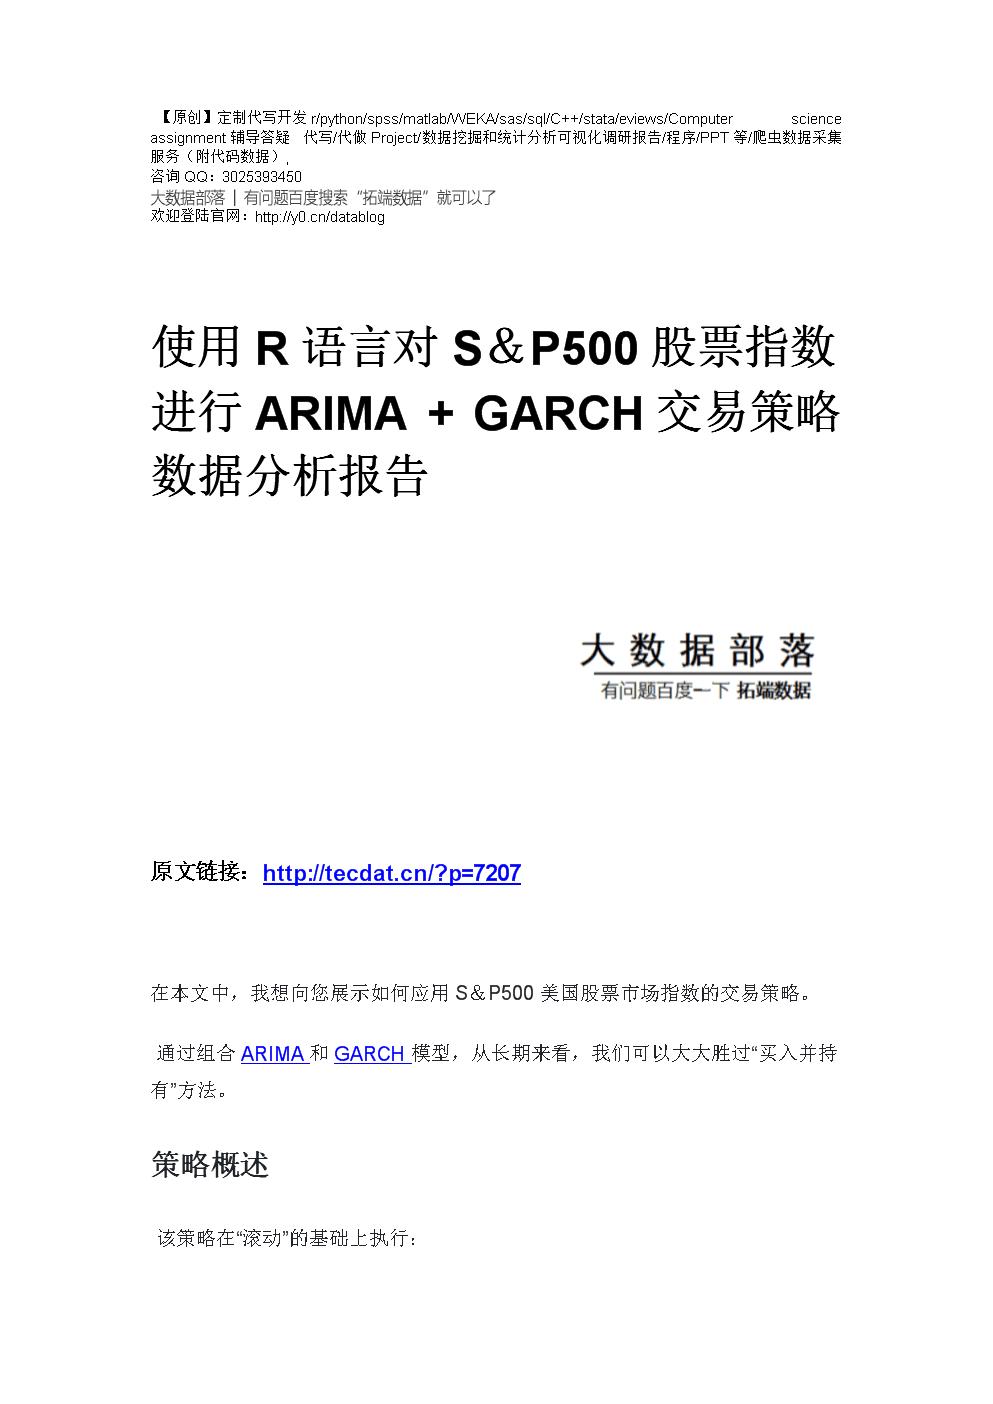 【原创】使用R语言对S&P500股票指数进行ARIMA + GARCH交易策略数据分析报告论文(代码数据).docx